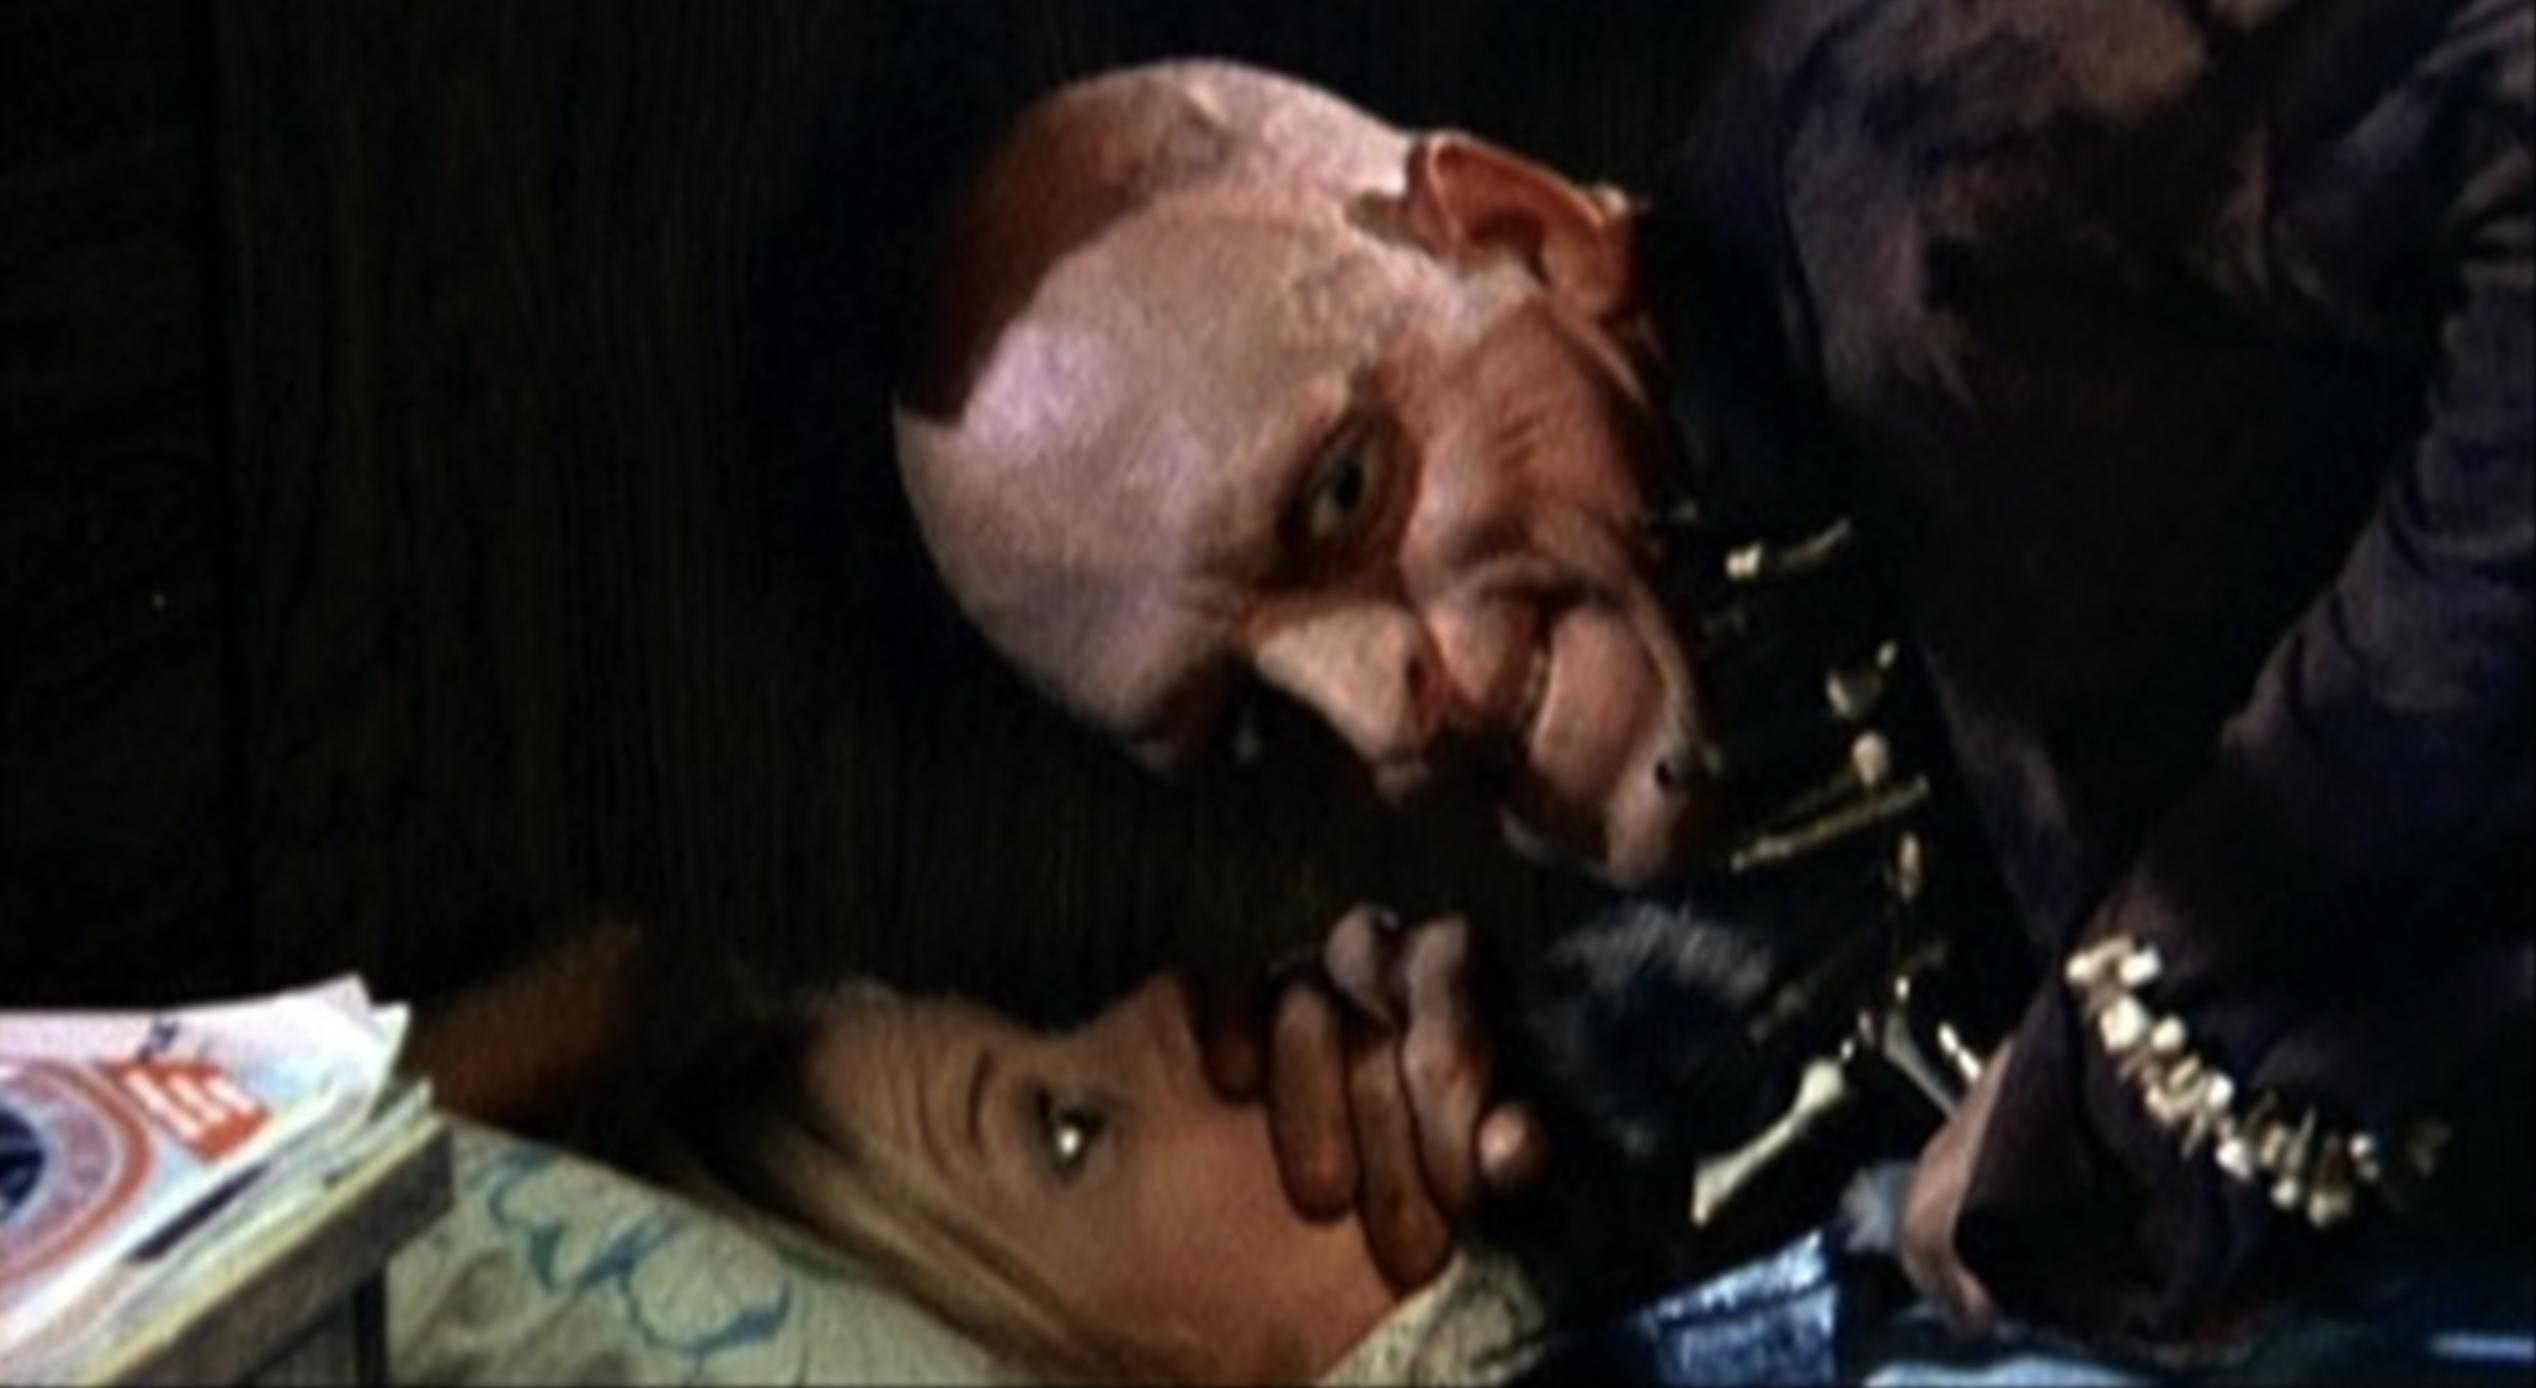 La Colline a des yeux : saviez-vous qu'une histoire vraie a inspiré ce film culte ?